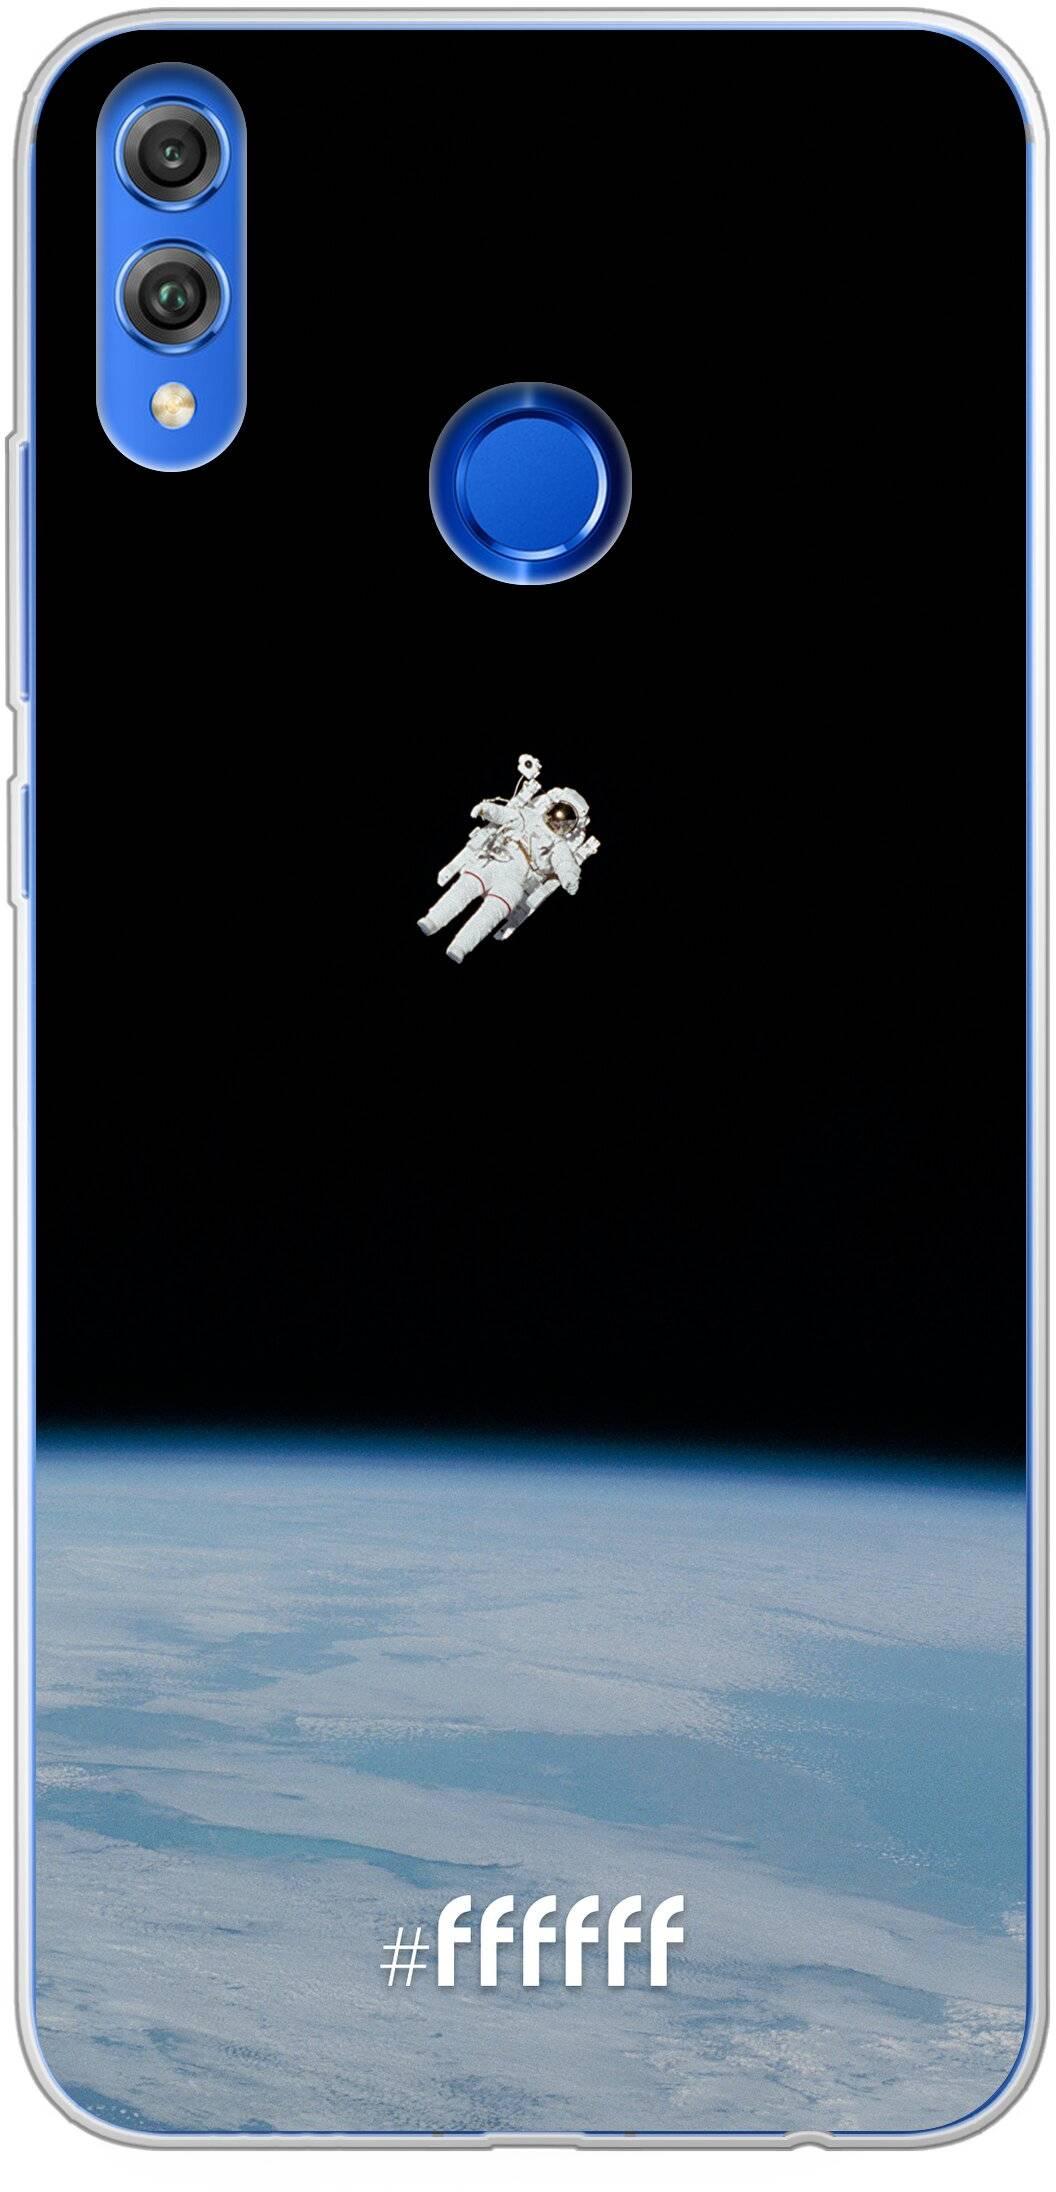 Spacewalk 8X